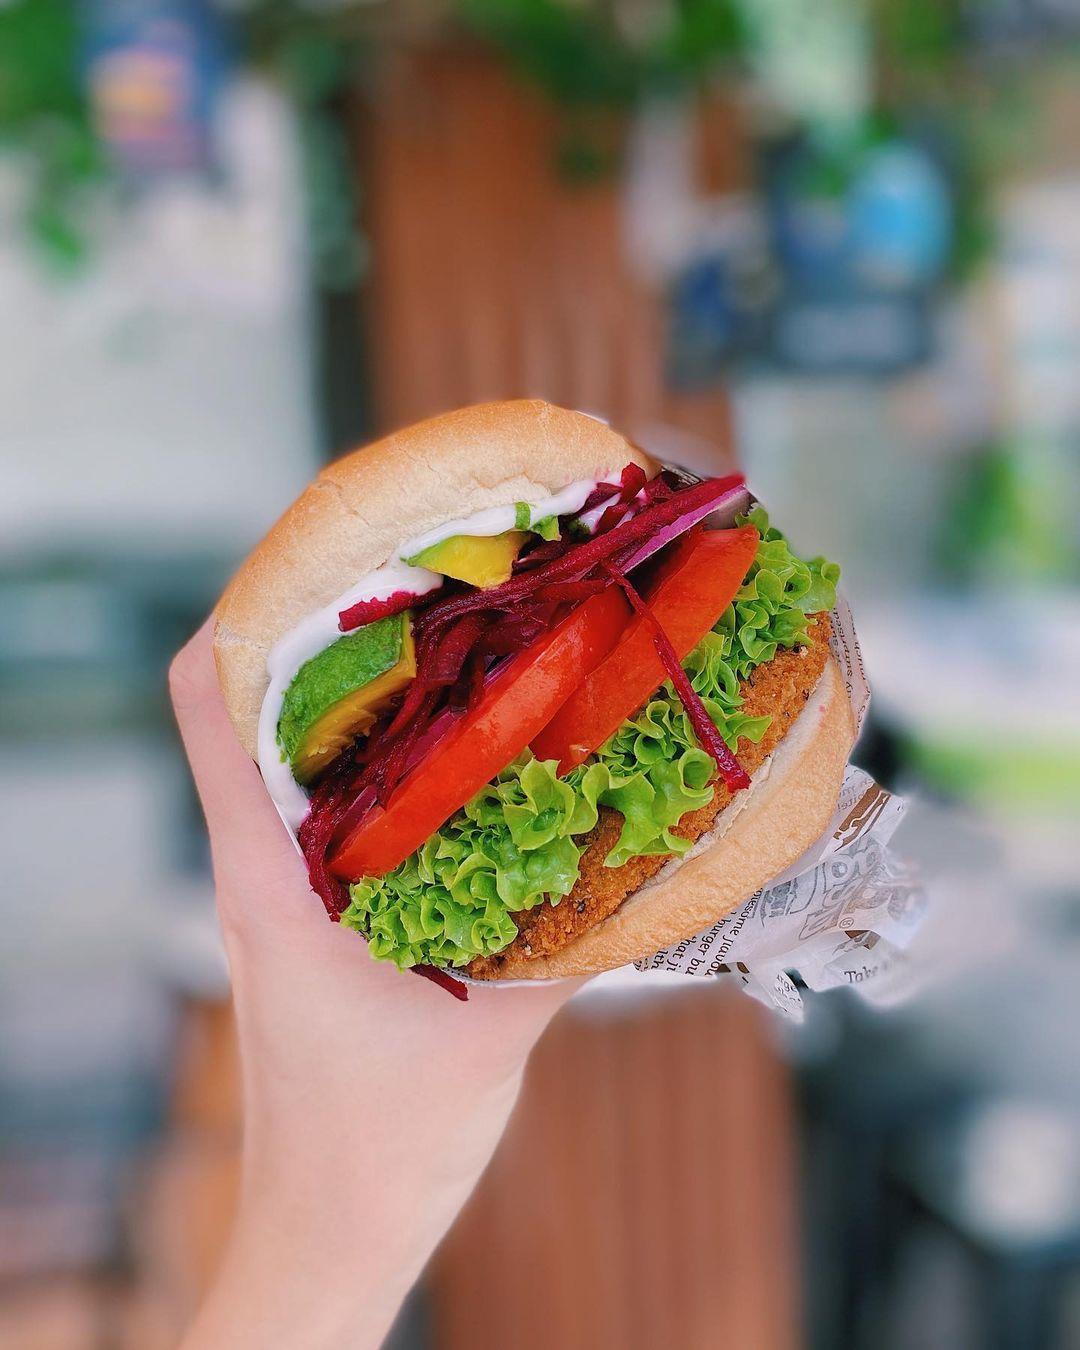 vegetarian food delivery - veganburg